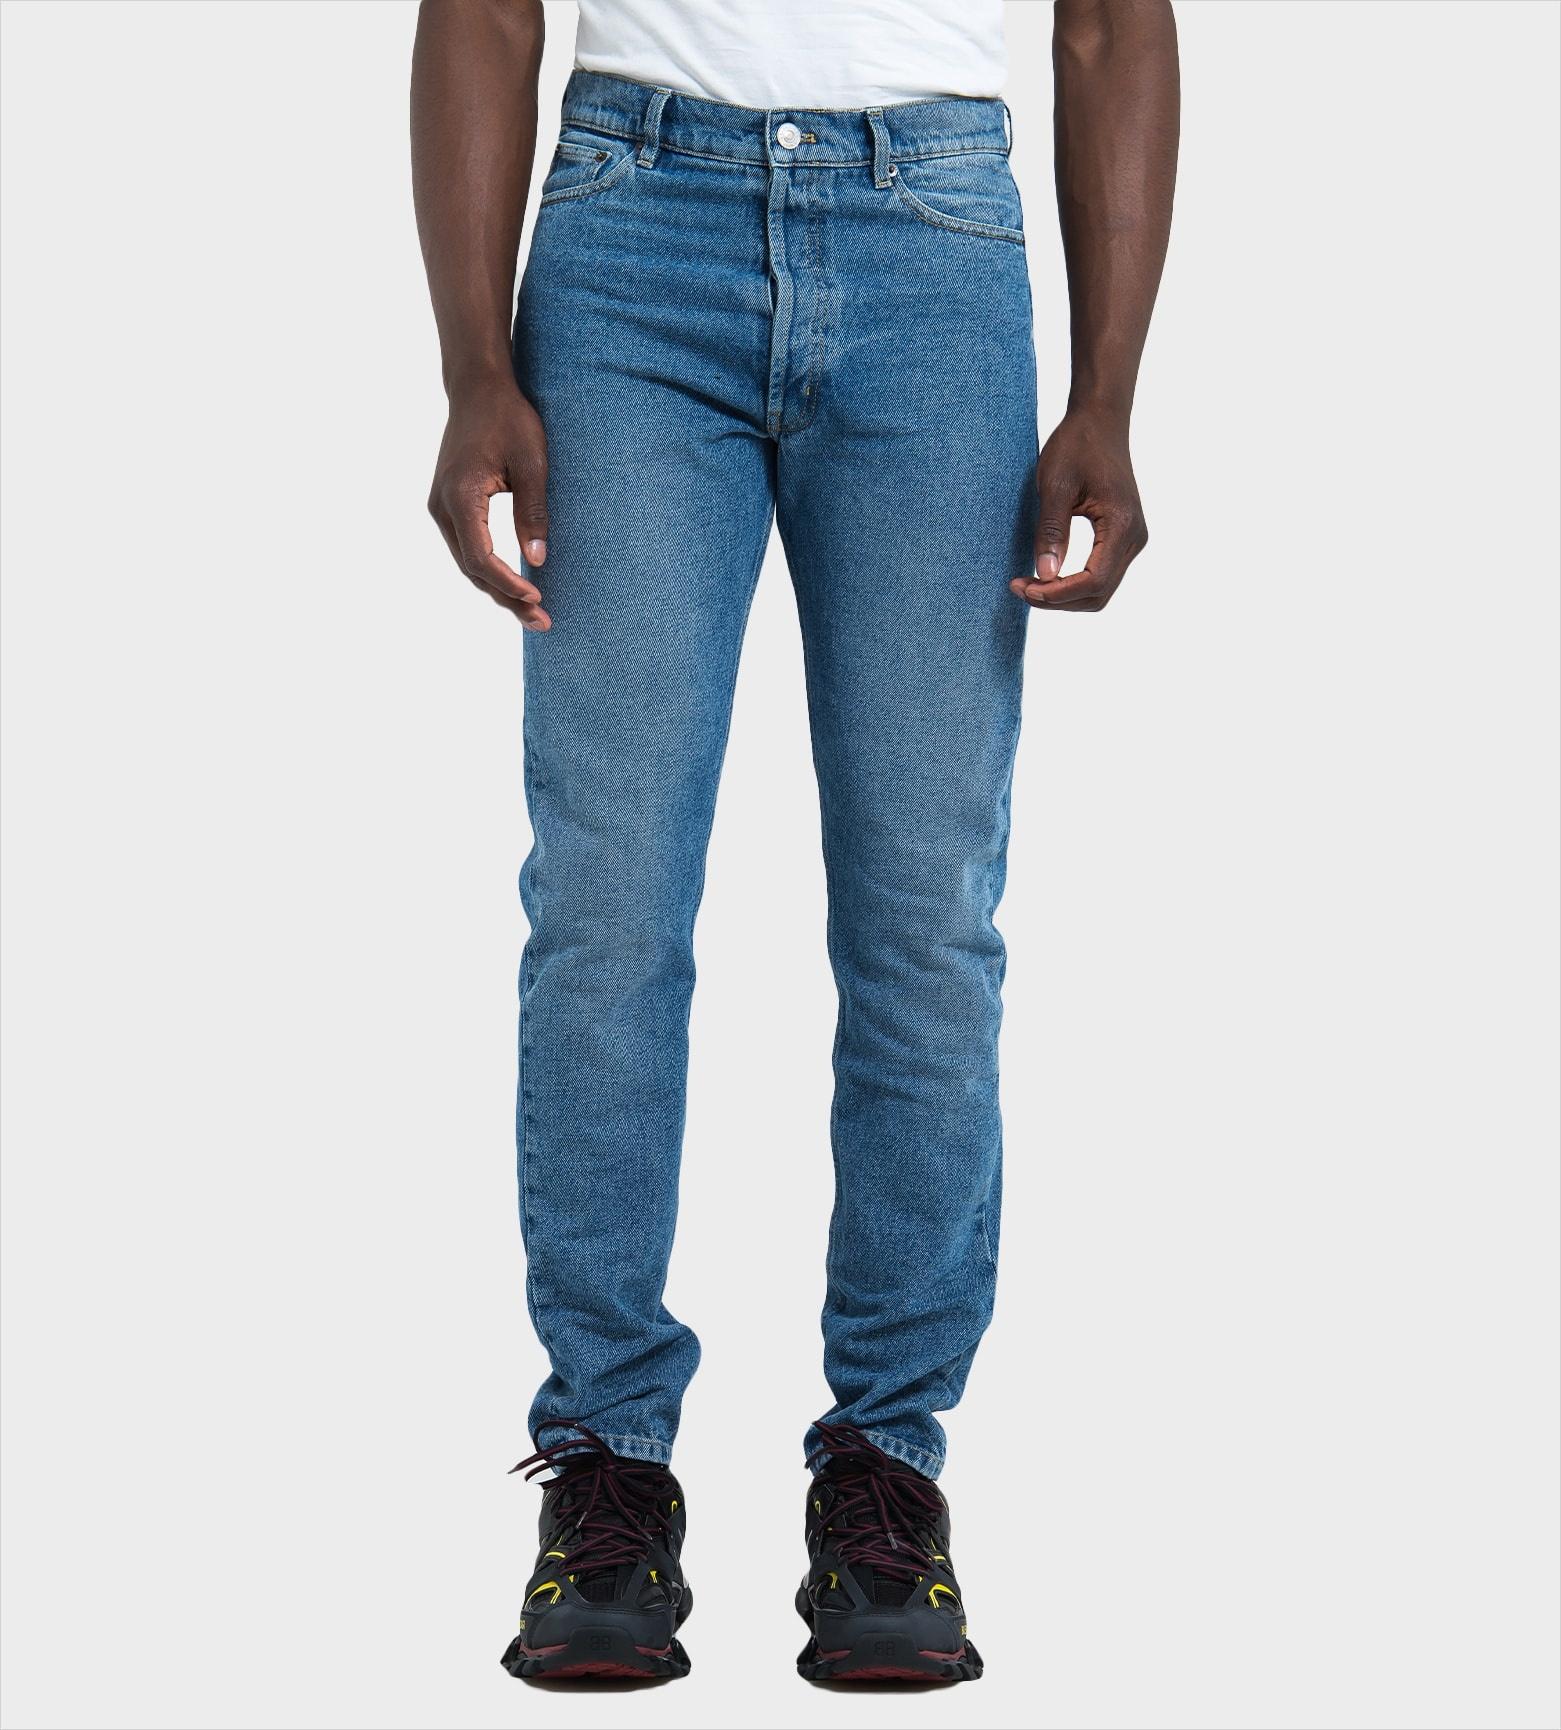 wholesale dealer 8e15e e2c15 BALENCIAGA Jeans TDW15 4089 Blue